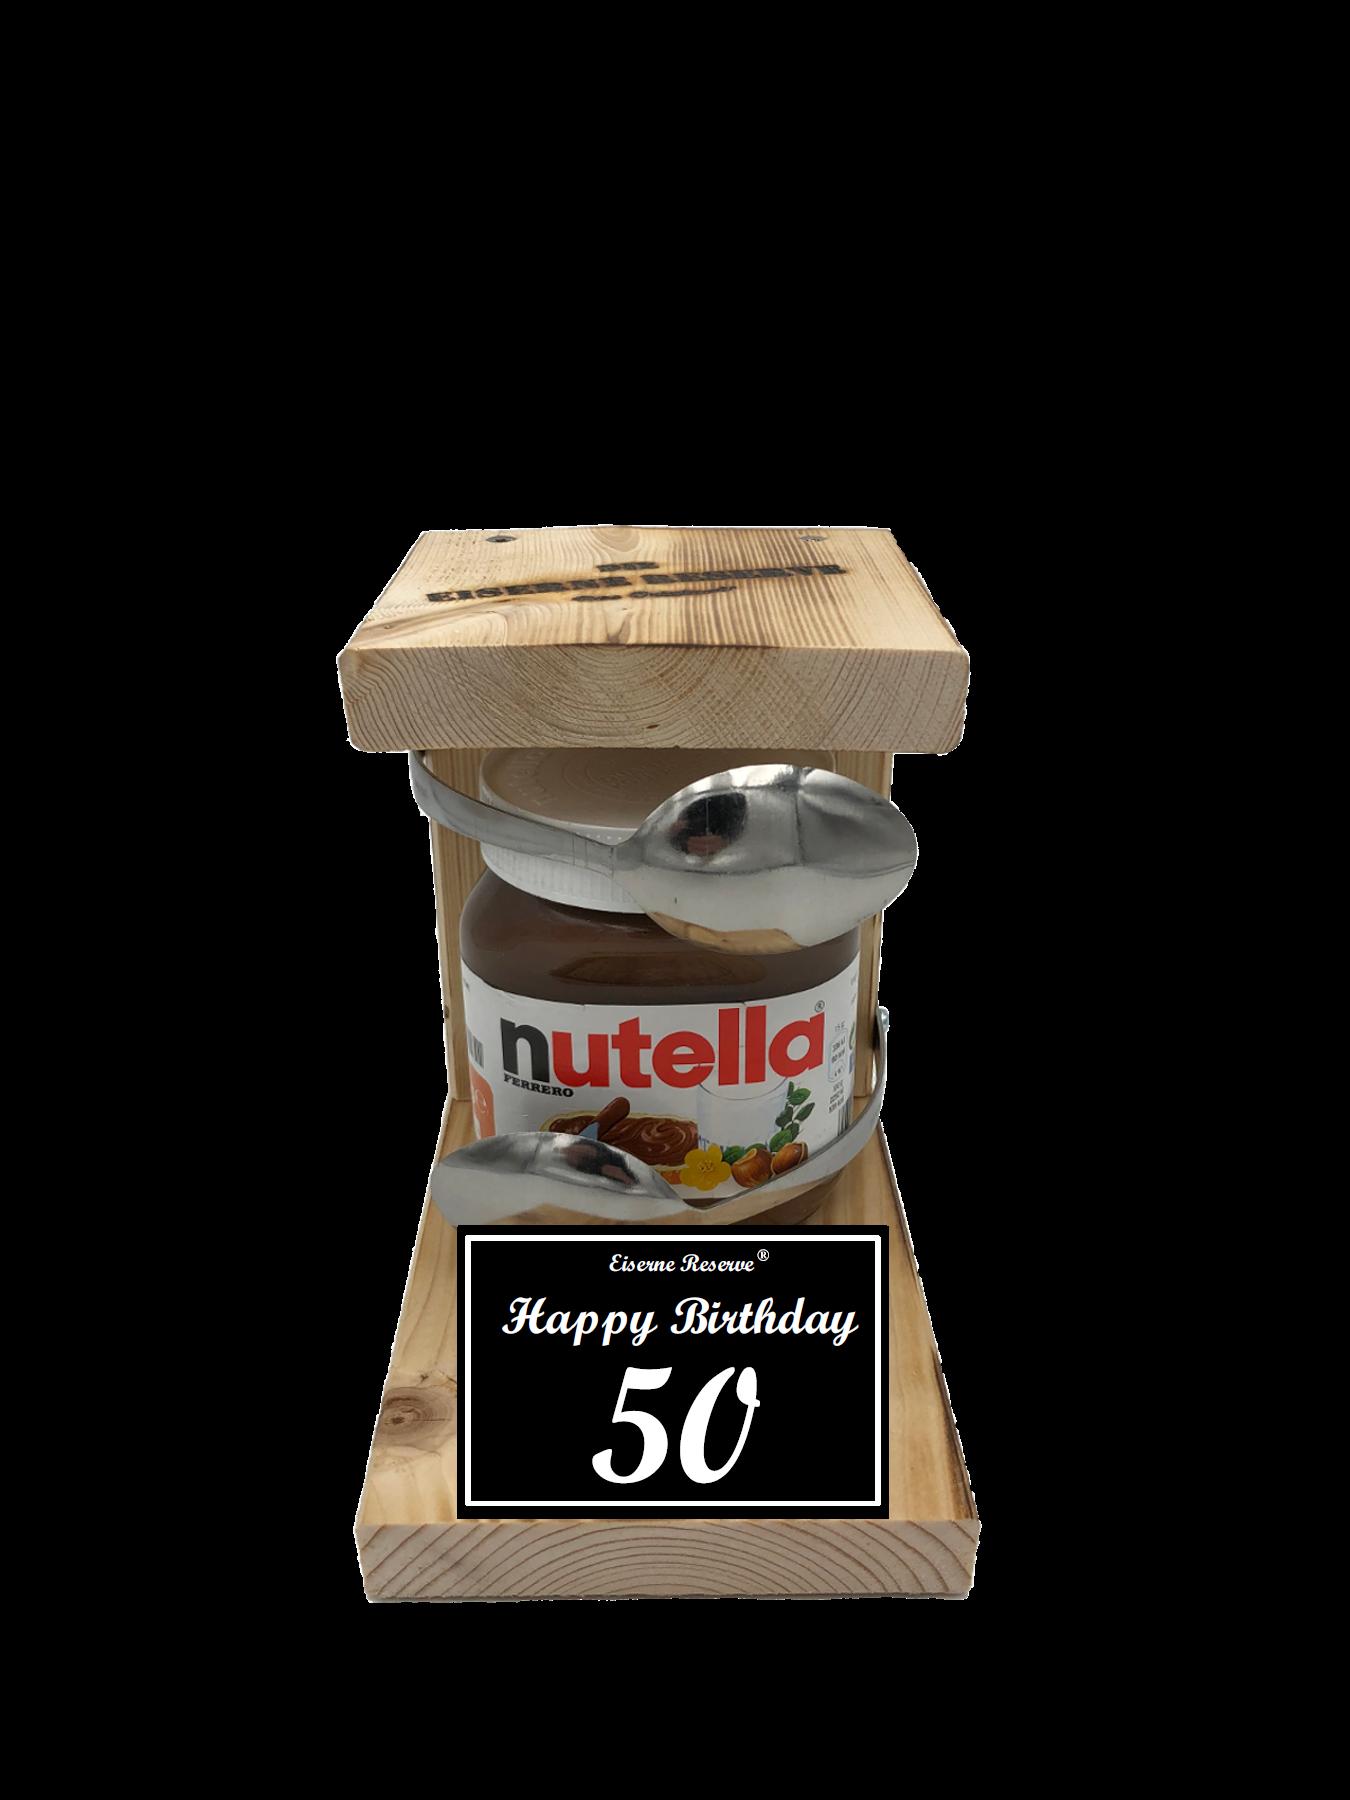 50 Happy Birthday Löffel Nutella Geschenk - Die Nutella Geschenkidee